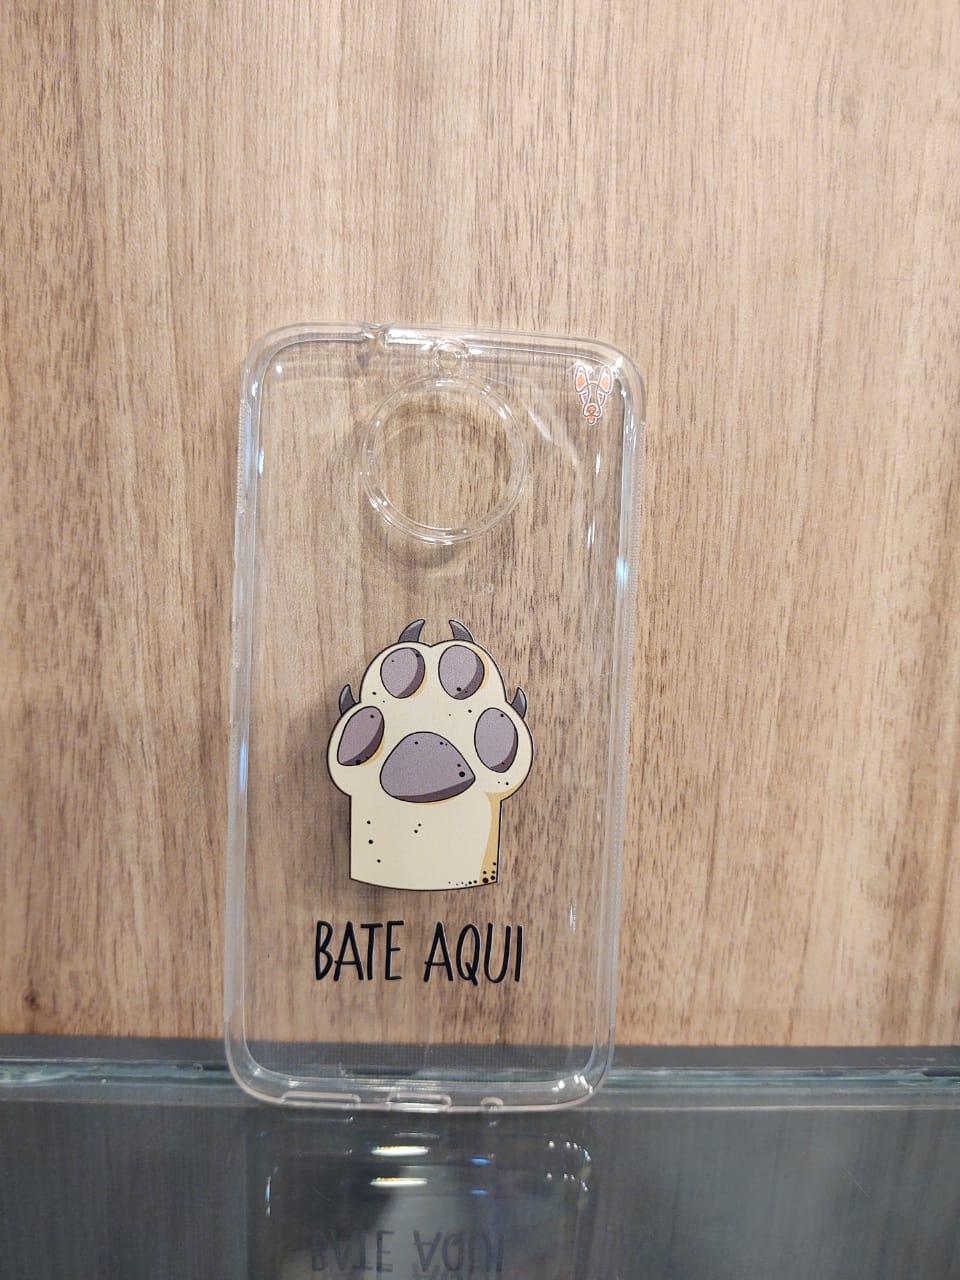 Capinhas Pet Com Estampas prontas Bordas Anti-Shock em Silicone (Não é personalizada)